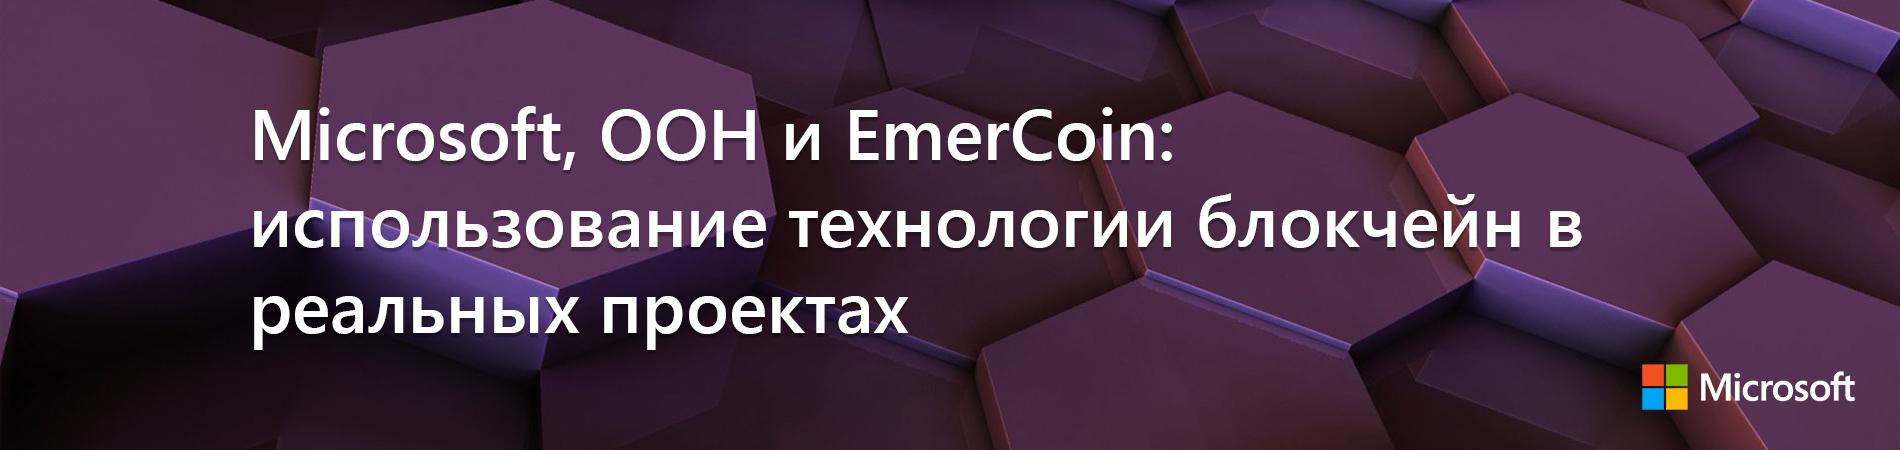 Microsoft, ООН и EmerCoin: использование технологии блокчейн в реальных про ...